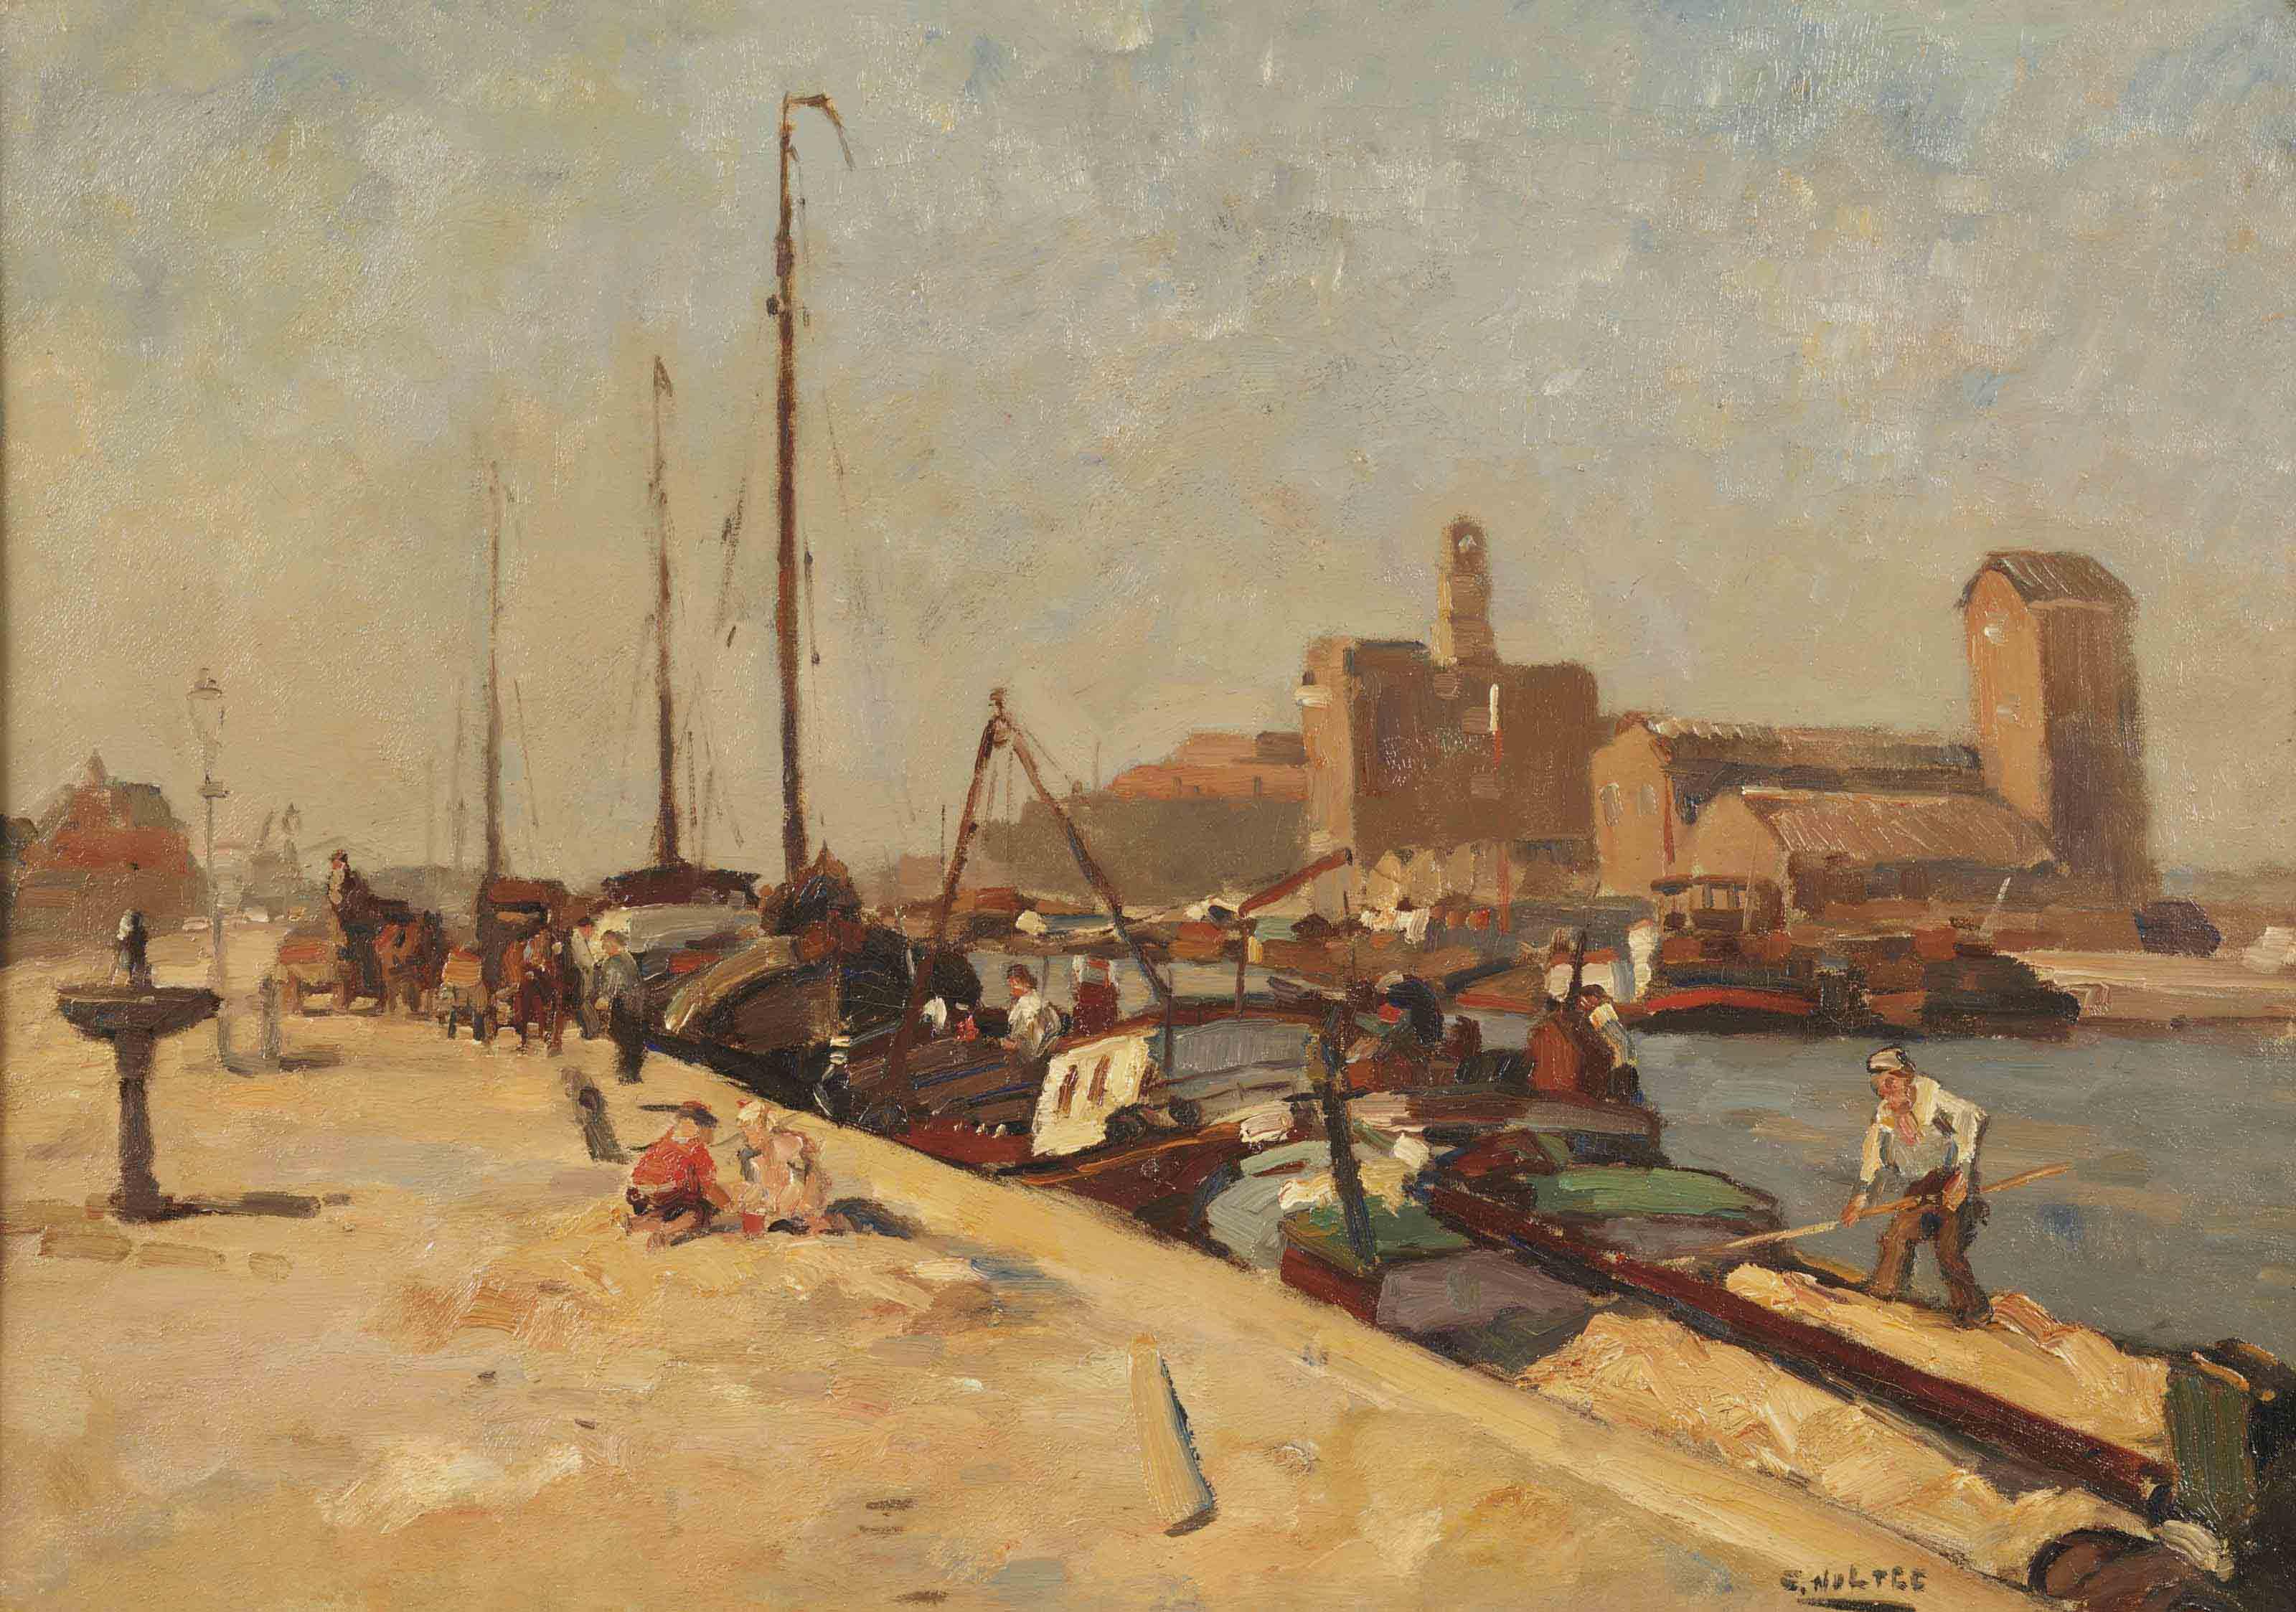 Along a quay